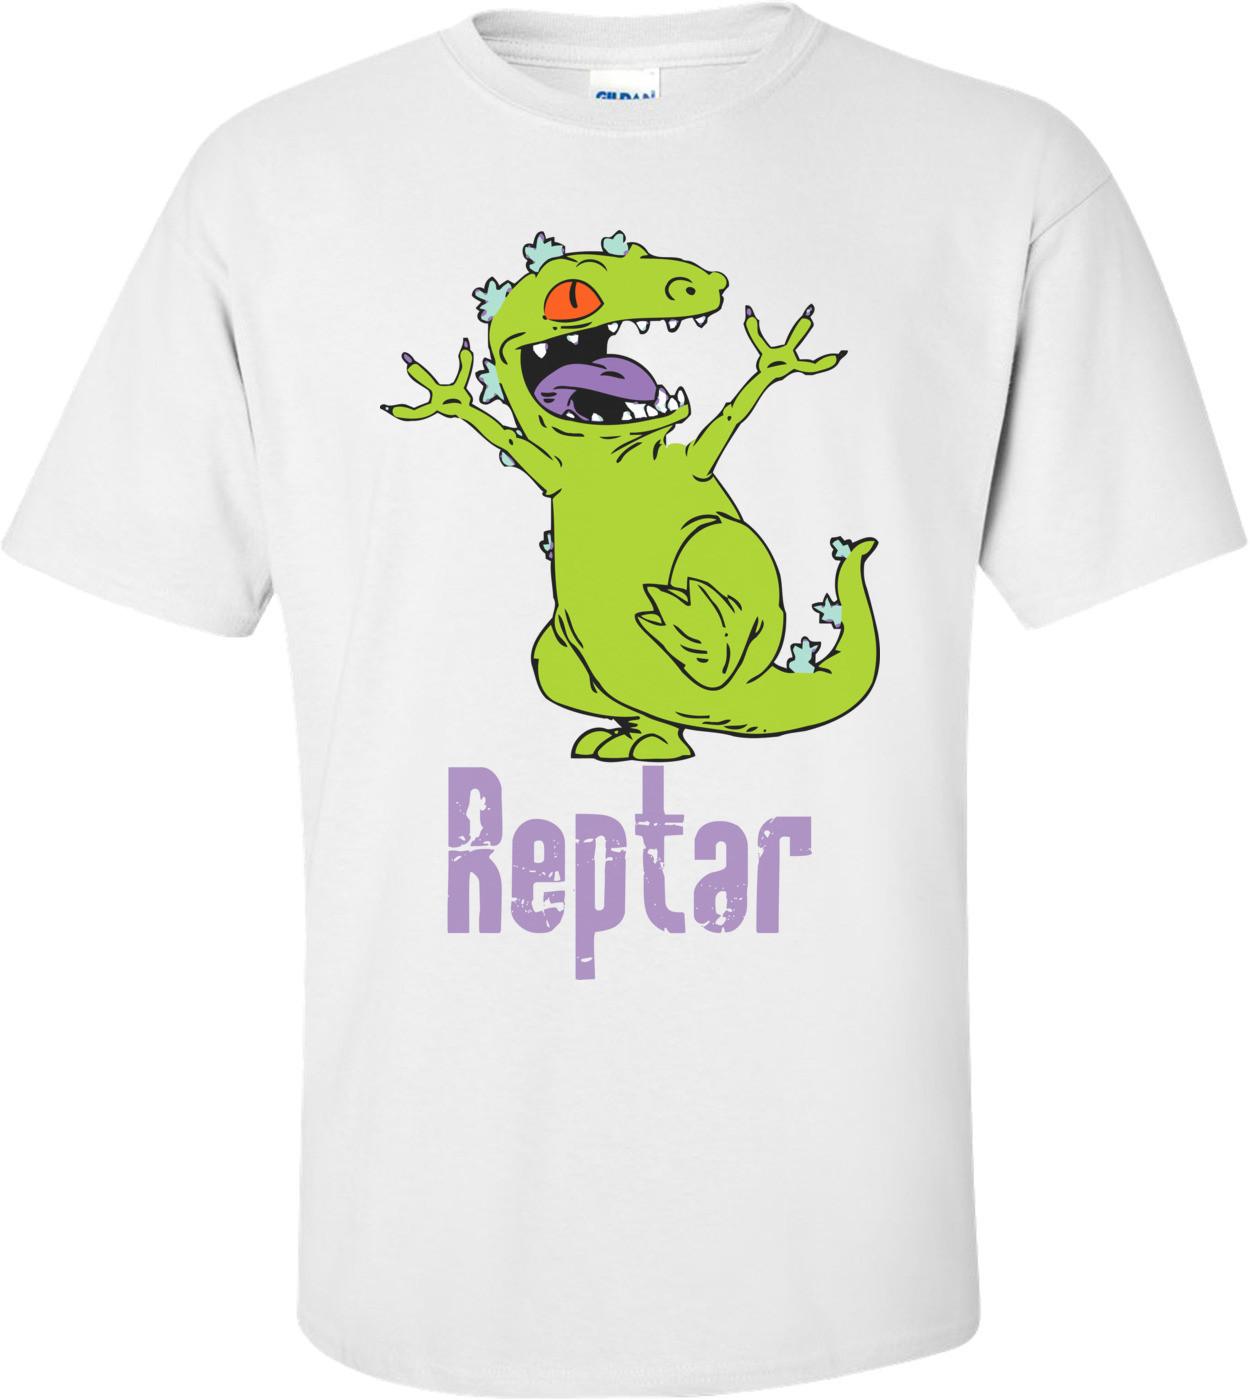 Reptar - Rugrats T-shirt